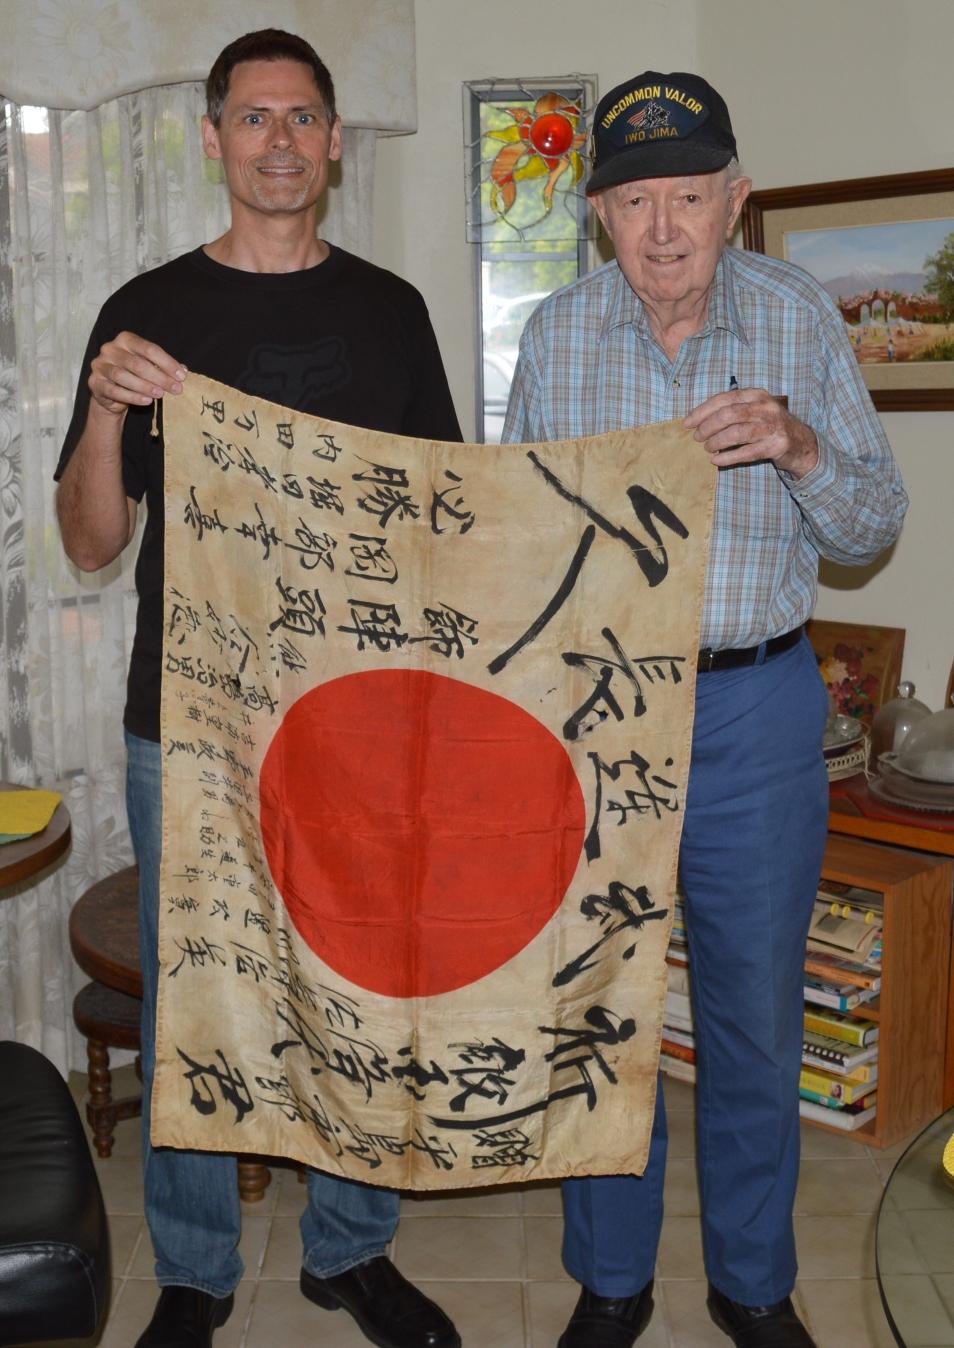 James Shriver & Brent Spencer with Captured Japanese Flag